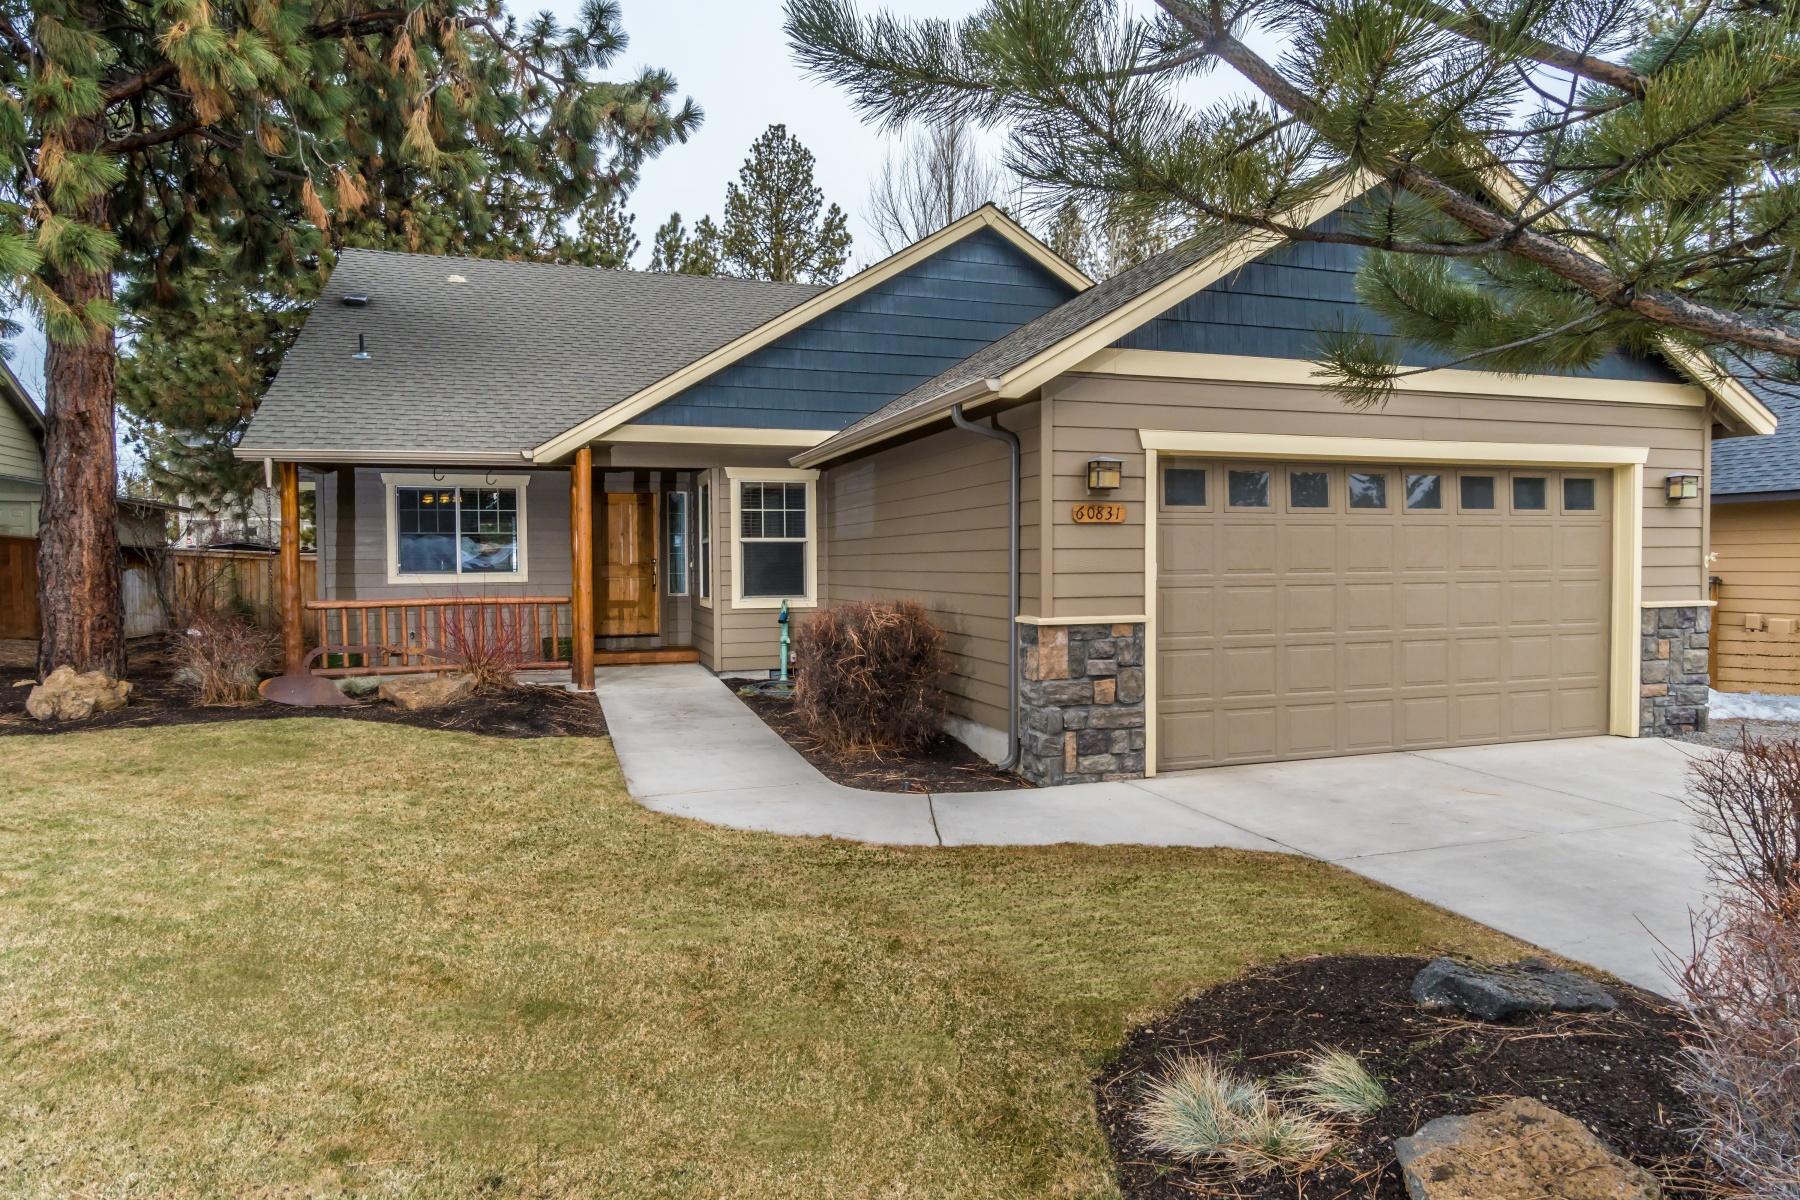 Moradia para Venda às Perfect Family Home in SE Bend 60831 Sawtooth Mountain Ln Bend, Oregon, 97702 Estados Unidos